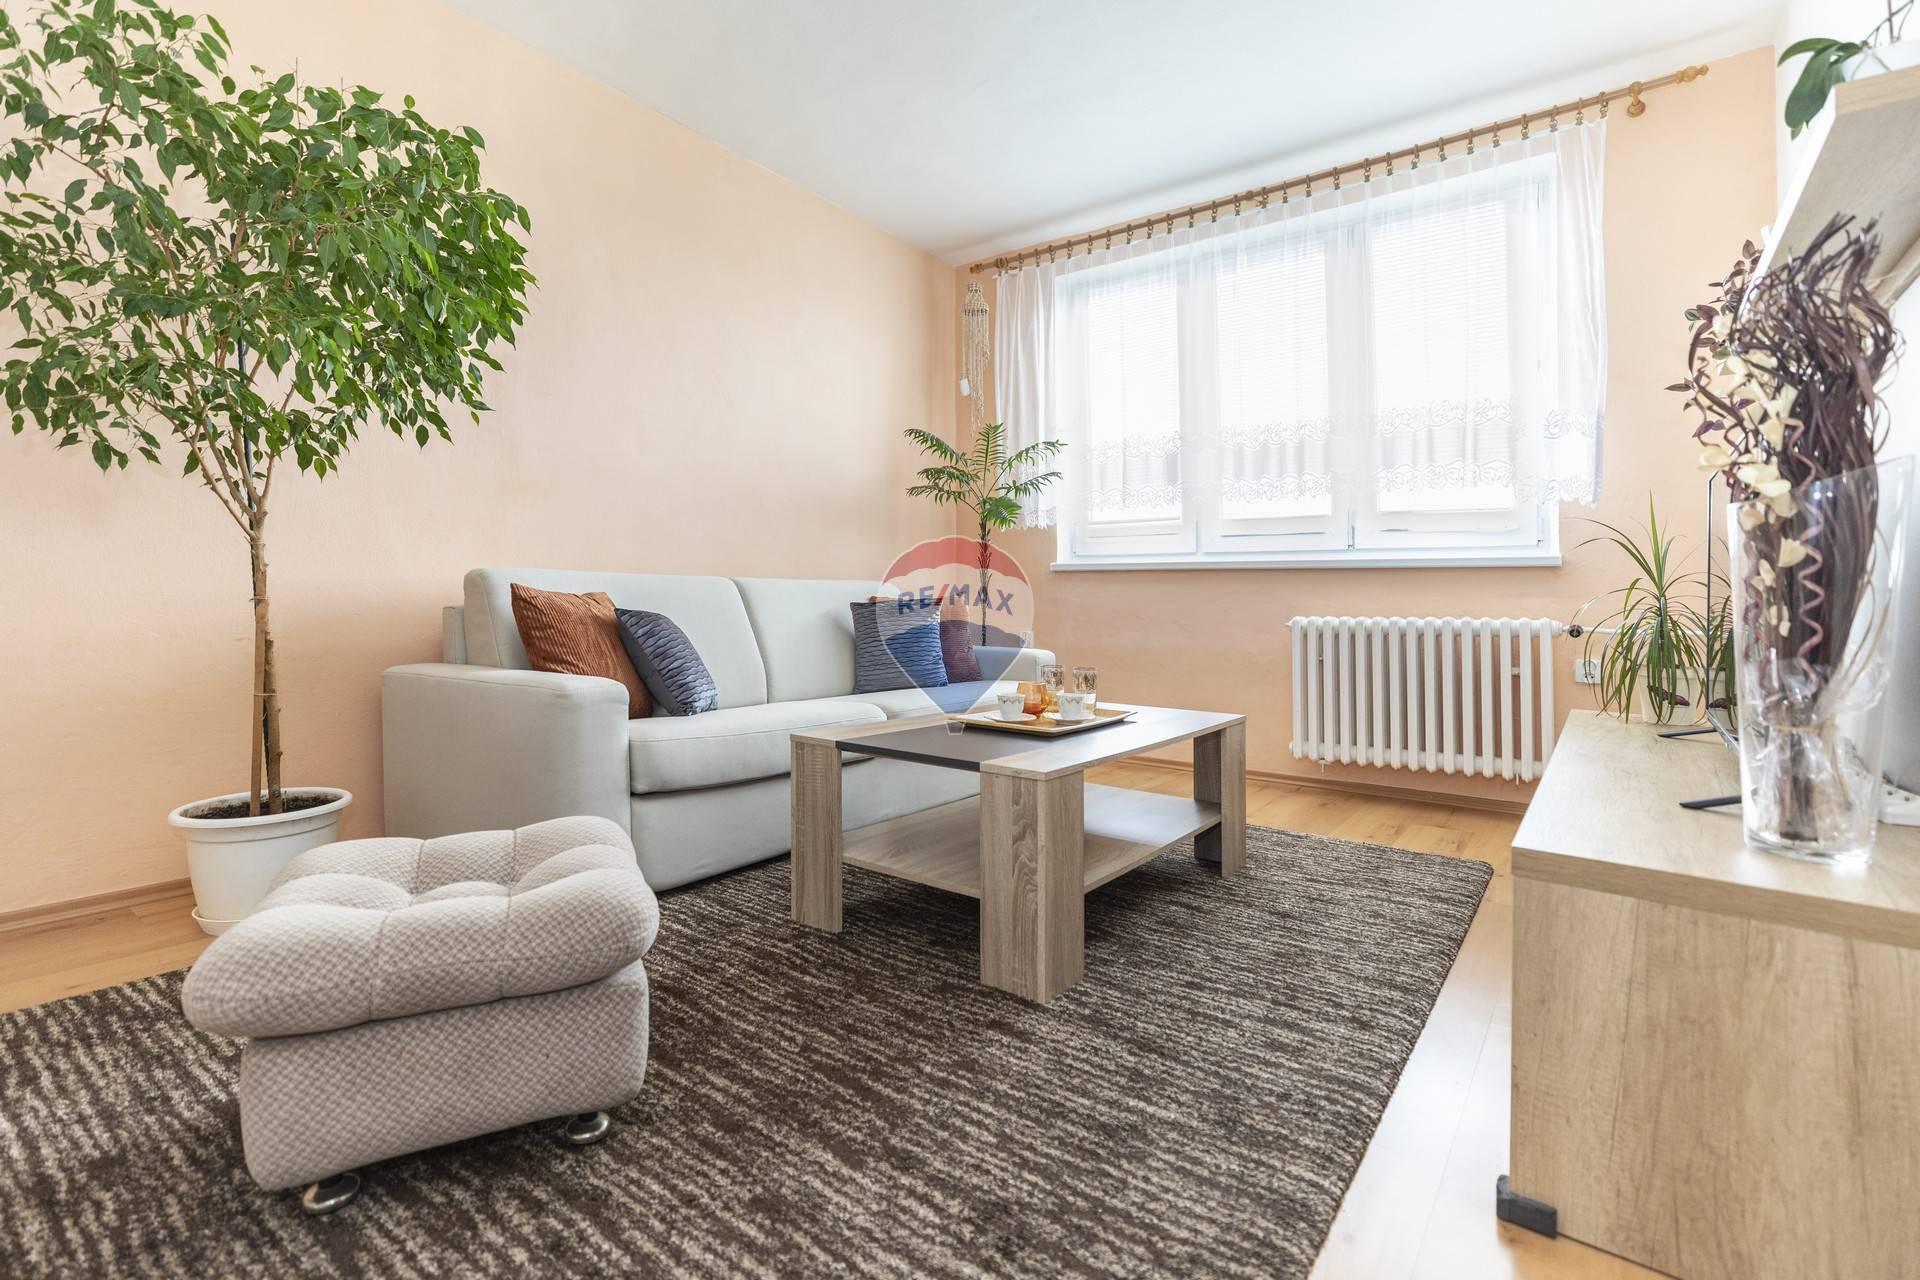 *REZERVOVANÉ* Predaj 3-izbového bytu v tichej lokalite na skok od centra